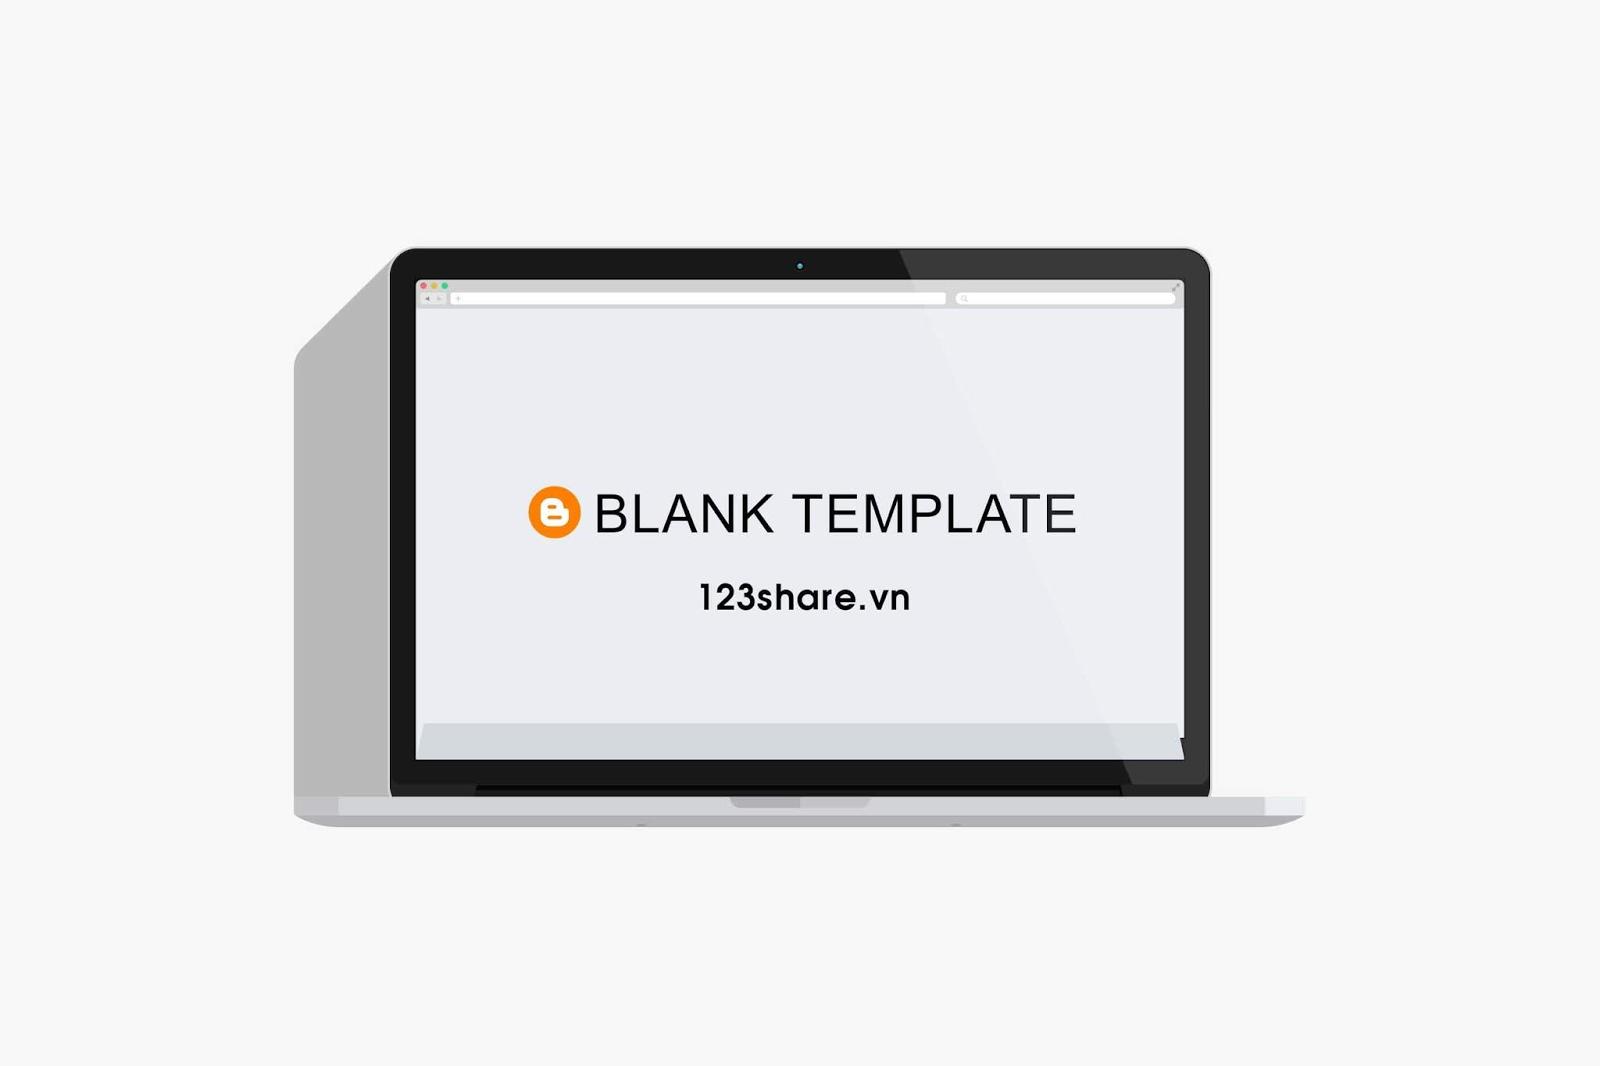 Share template gốc blogspot chuẩn dành cho thiết kế và rip